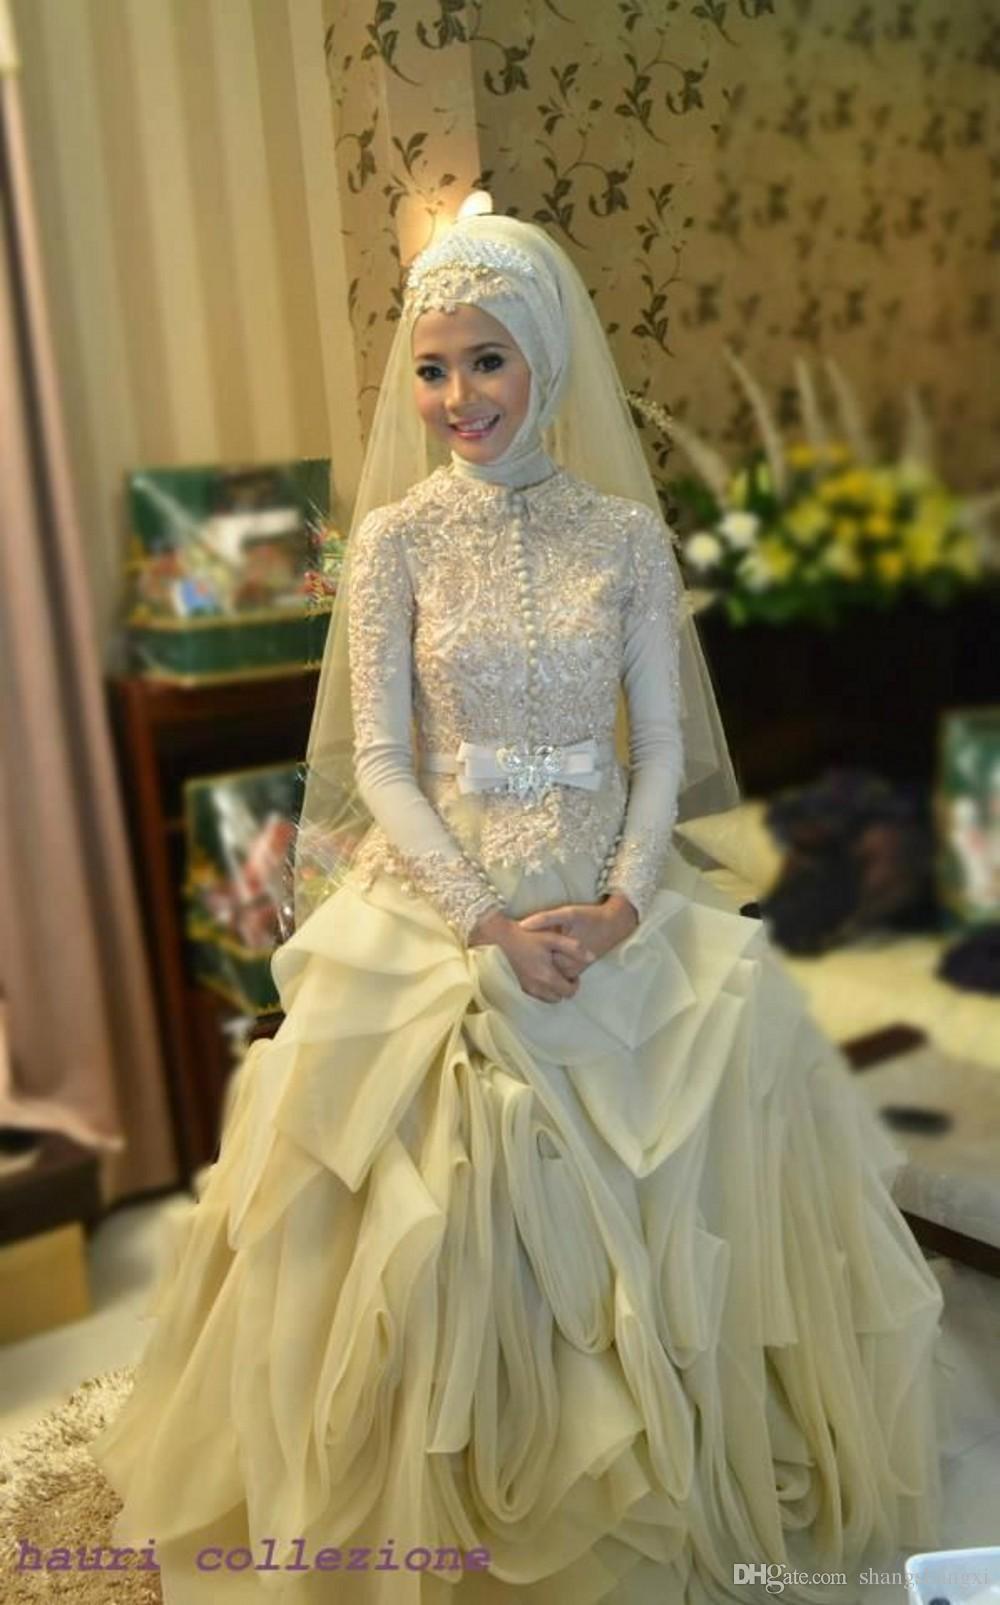 صورة اجمل صور فساتين زفاف , اشيك فساتين زفاف 2019 5285 6